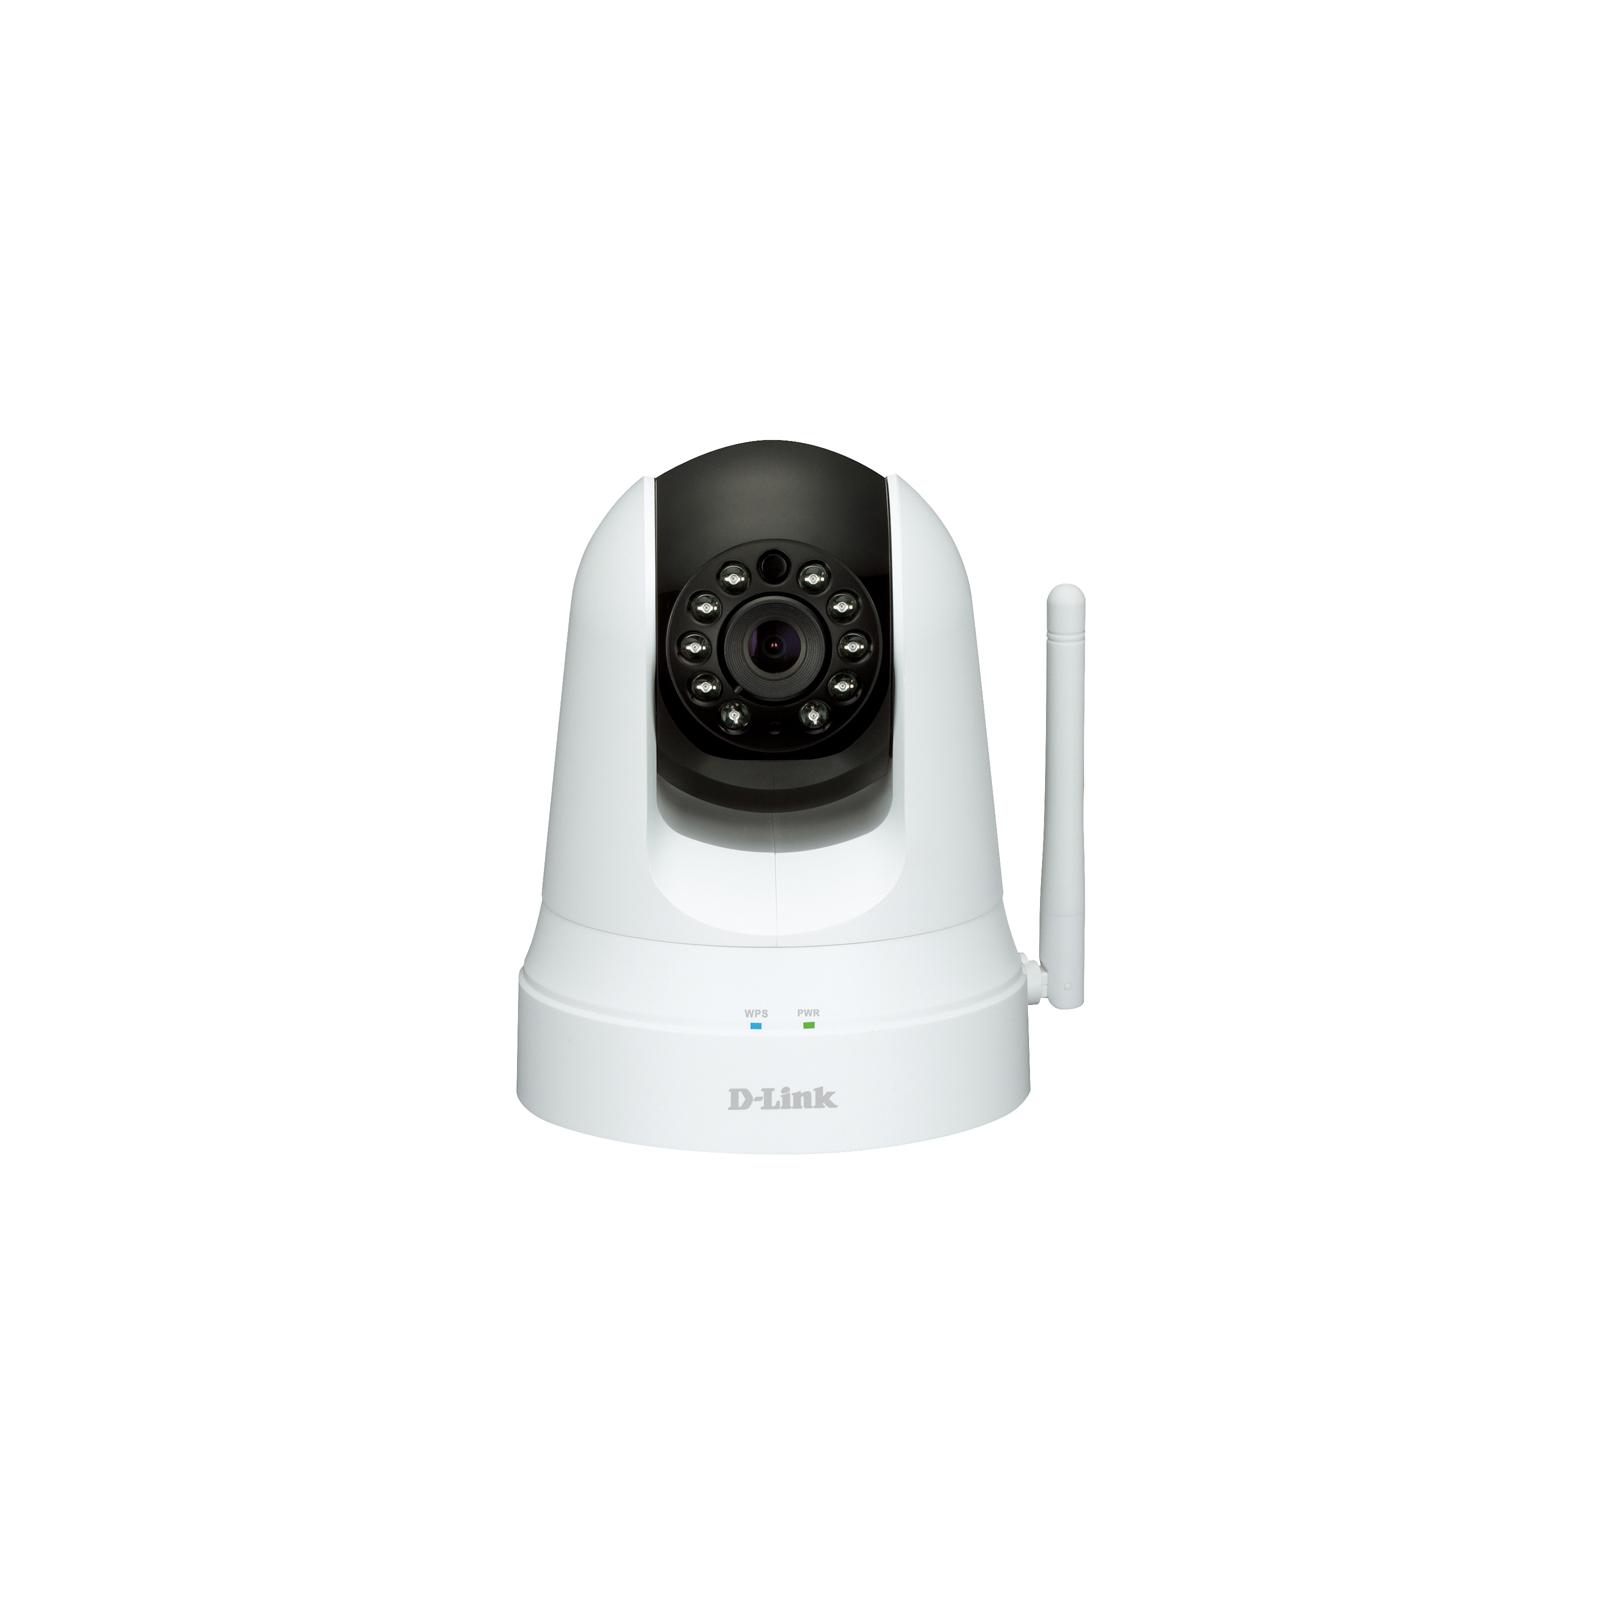 Сетевая камера D-Link DCS-5020L